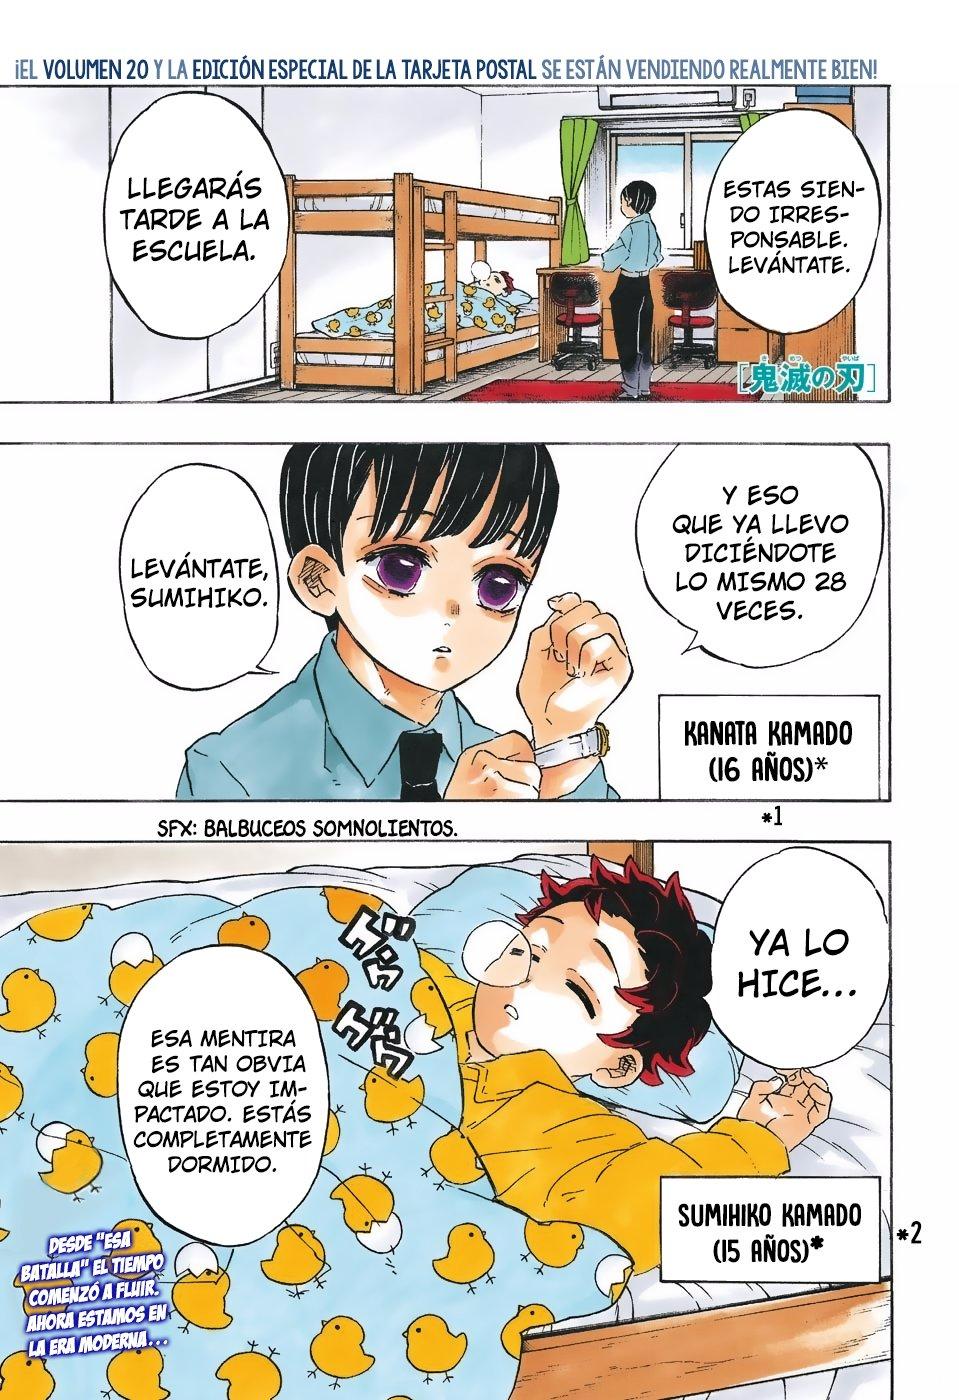 https://nine.mangadogs.com/es_manga/pic8/3/19331/946720/50ae0ce8c27842532dcd83c3678302bc.jpg Page 2